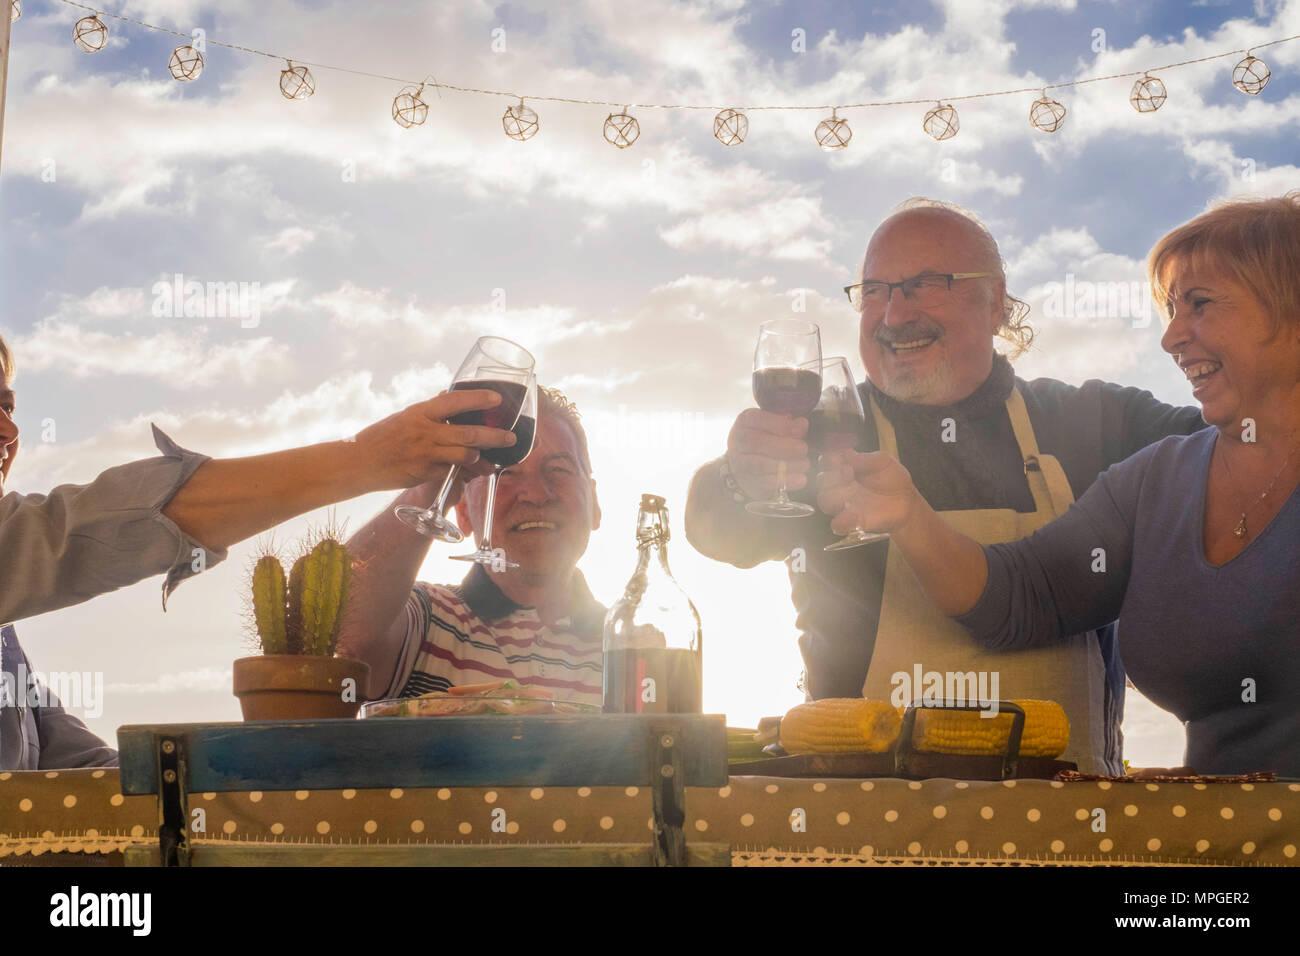 Uomini e donne adulti cheers con vino all'aperto nel patio terrazza tetto per festeggiare in vacanza o compleanno o evento. anziani lifestyle giorno felice vita c Immagini Stock